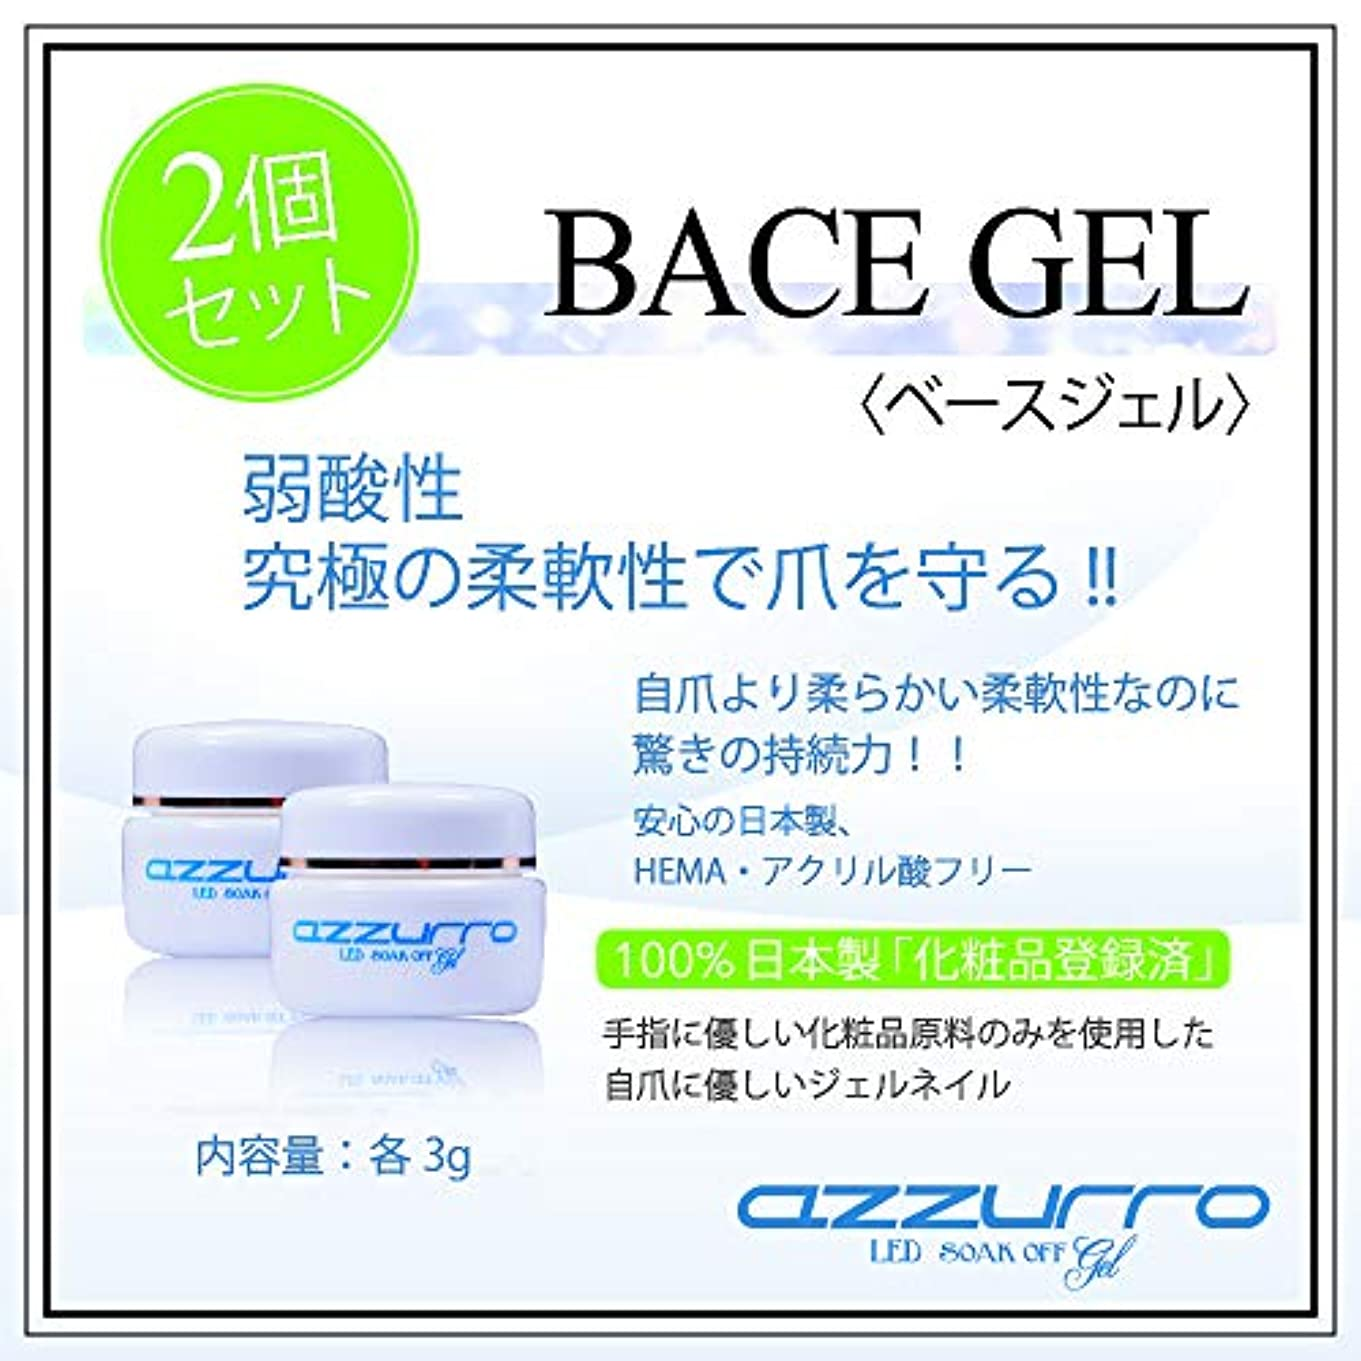 きらめき破壊的超越するazzurro gel アッズーロベースジェル お得な2個セット 爪に優しい 日本製 驚きの密着力 リムーバーでオフも簡単3g